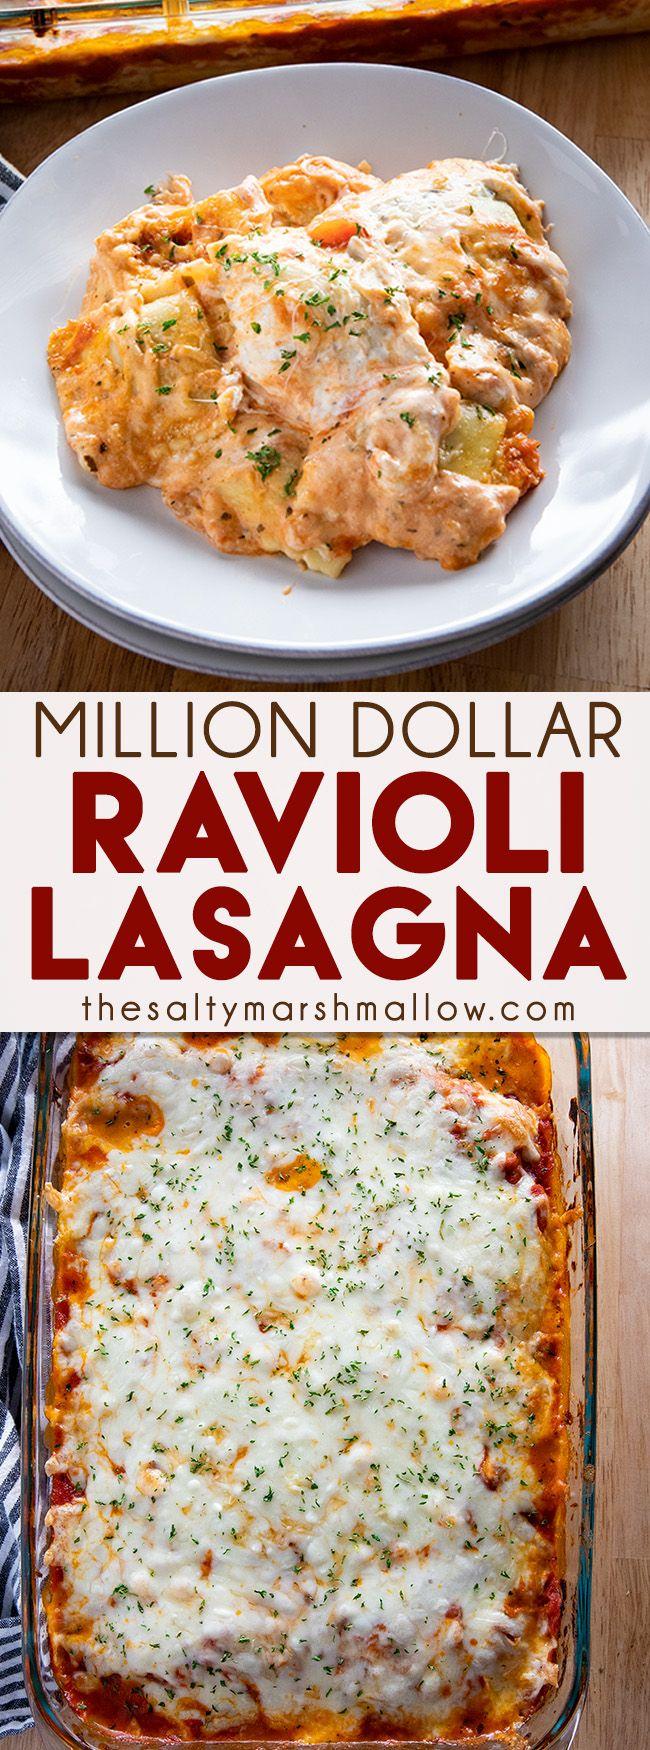 Million Dollar Ravioli Lasagna